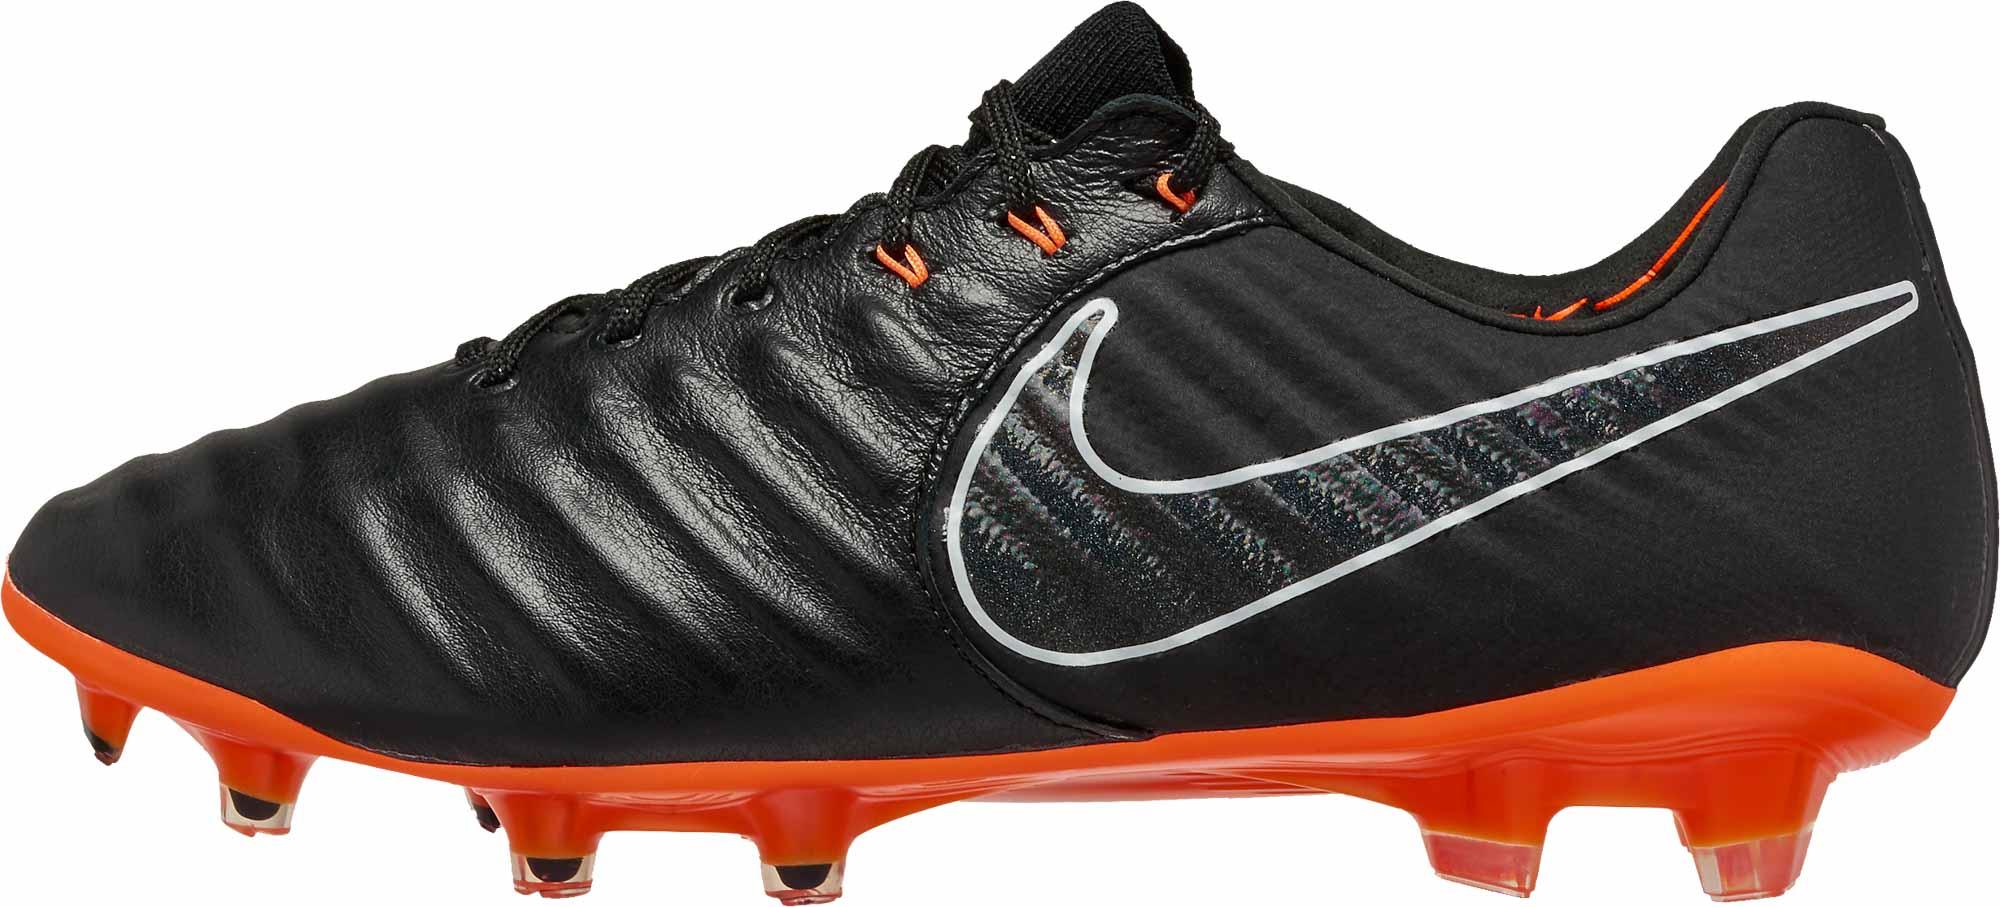 save off 0c8ae cc1d7 Nike Tiempo Legend 7 Elite FG - Black & Total Orange ...